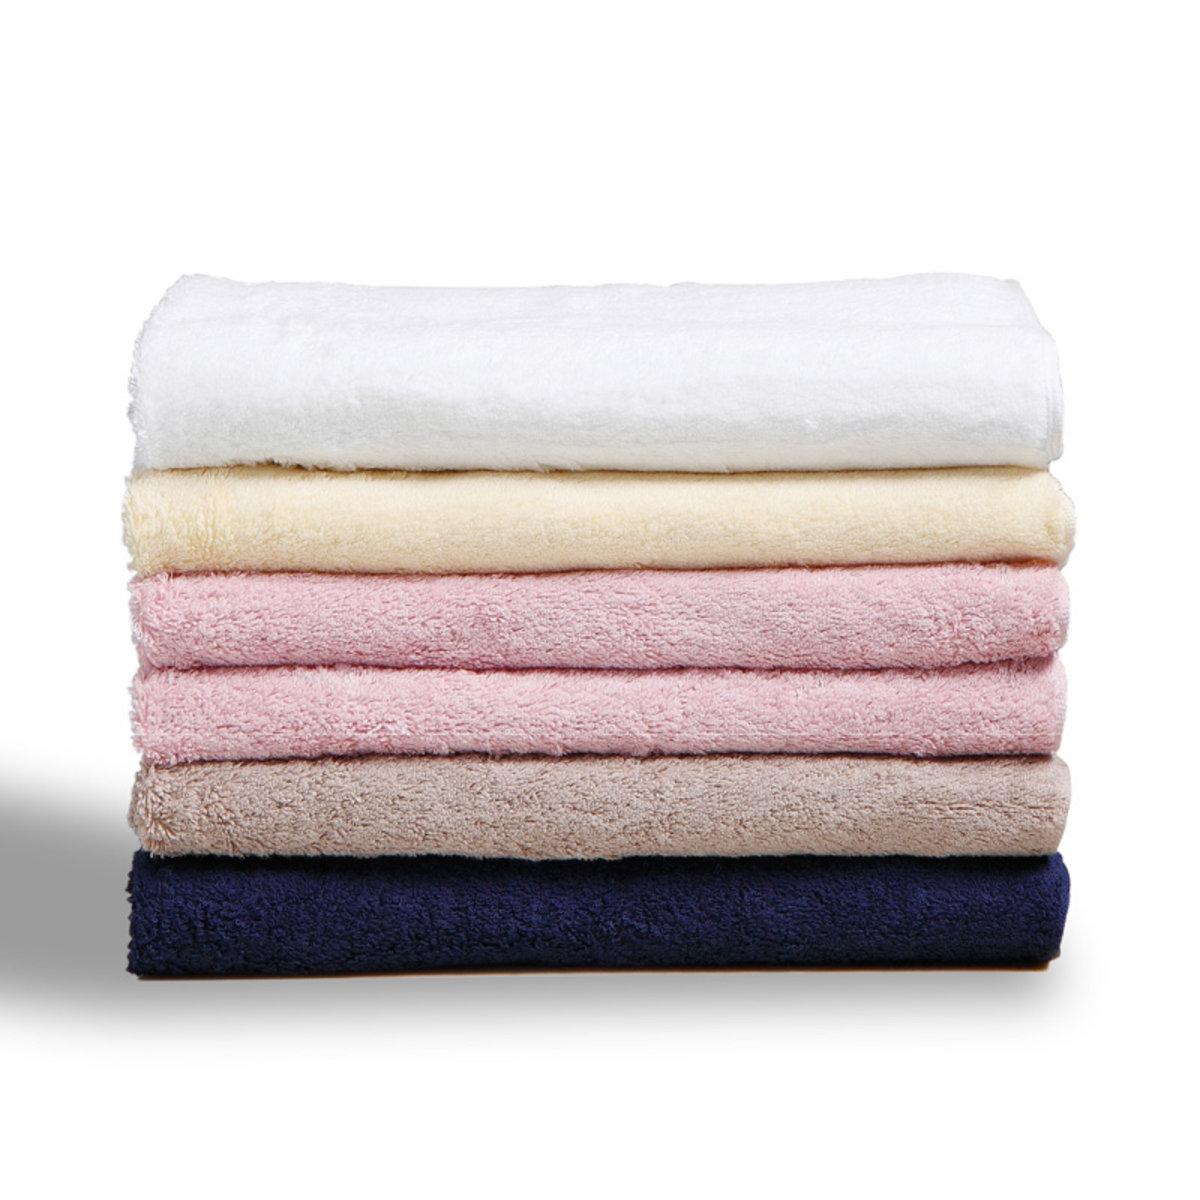 100%純棉浴巾(巴基斯坦進口棉紗) 柔軟吸水